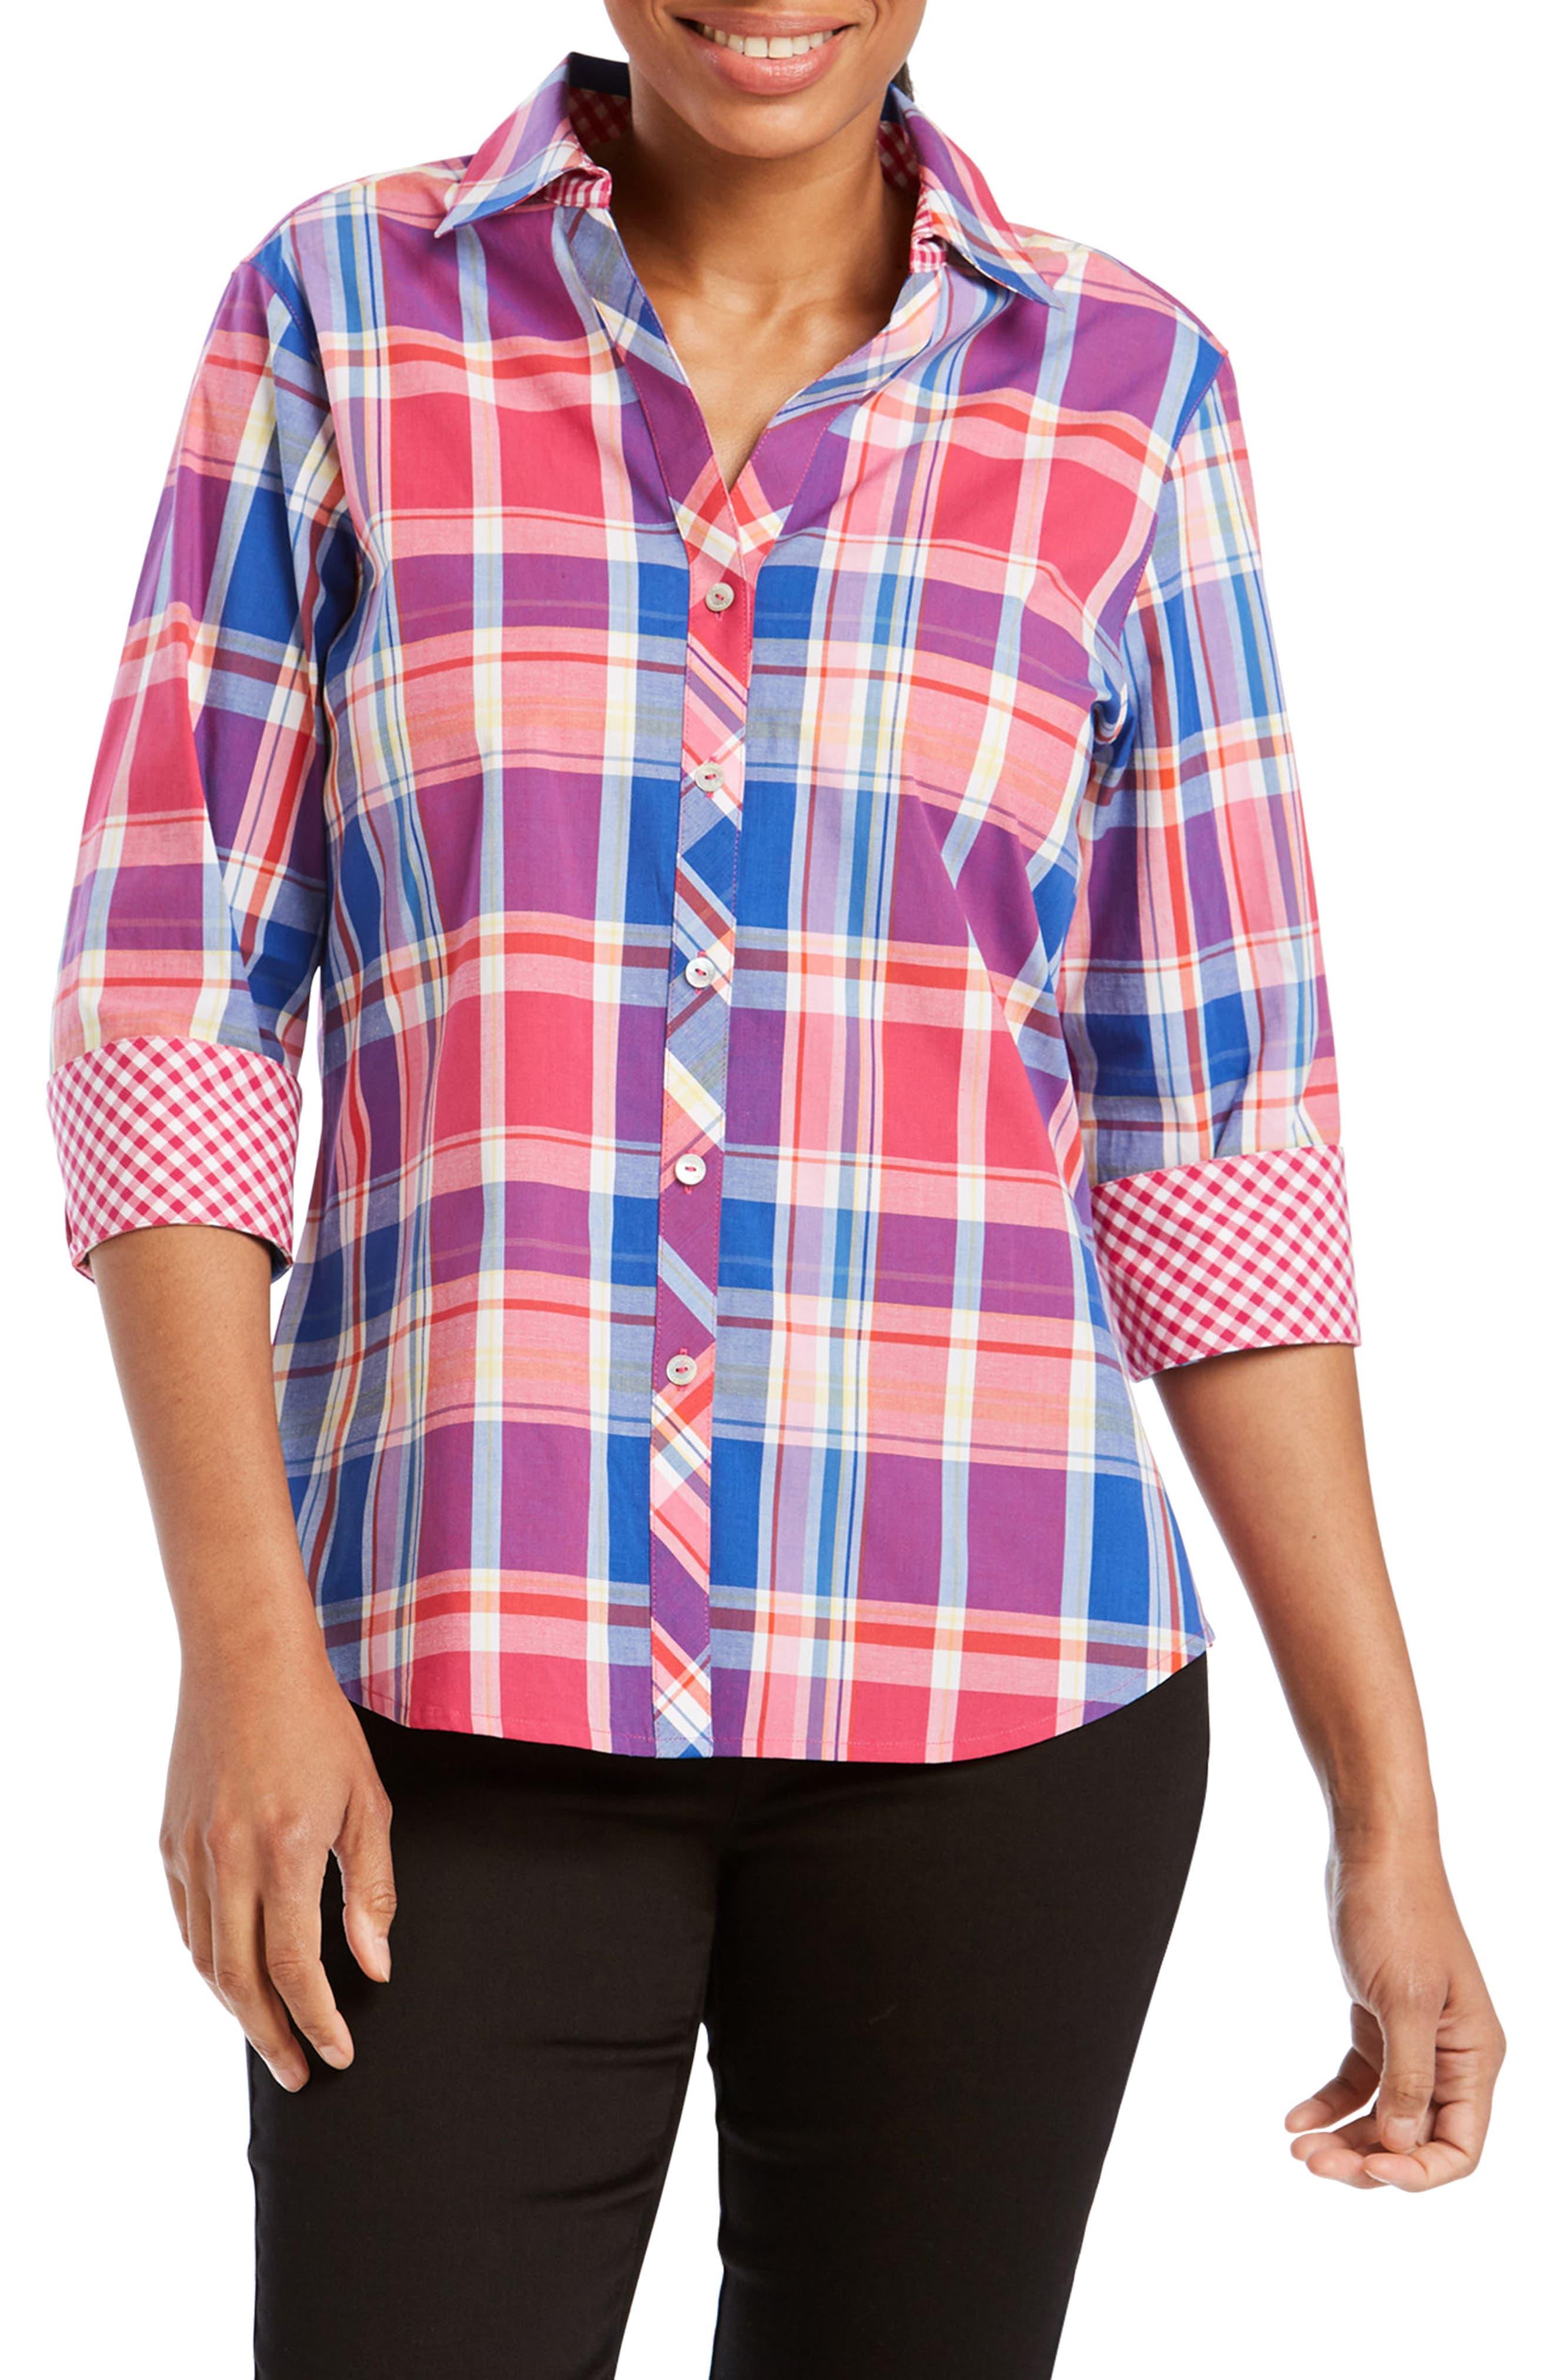 Mary Madras Plaid Shirt,                             Main thumbnail 1, color,                             MULTI PLAID